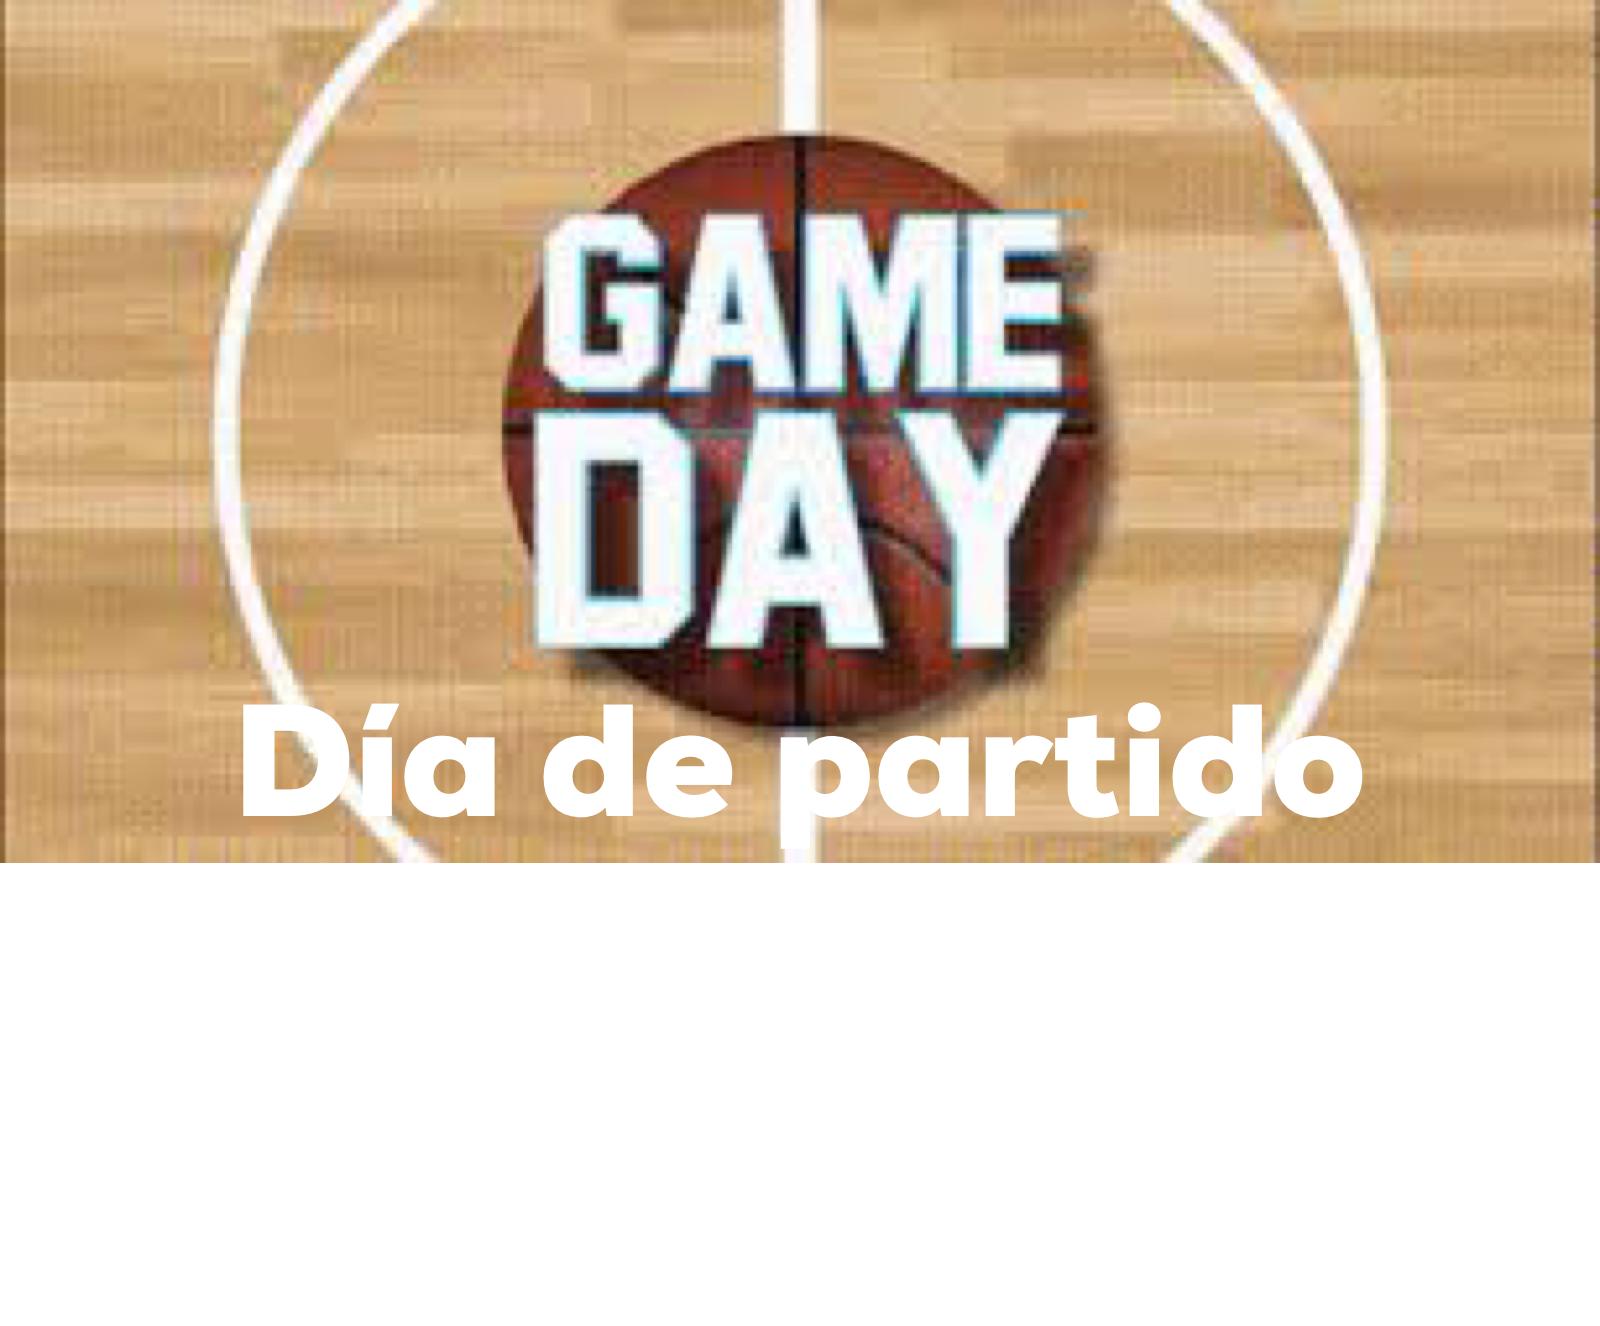 Fondo de Armario. Game Day, Día de Partido. Por Carlos Ruf Osola.